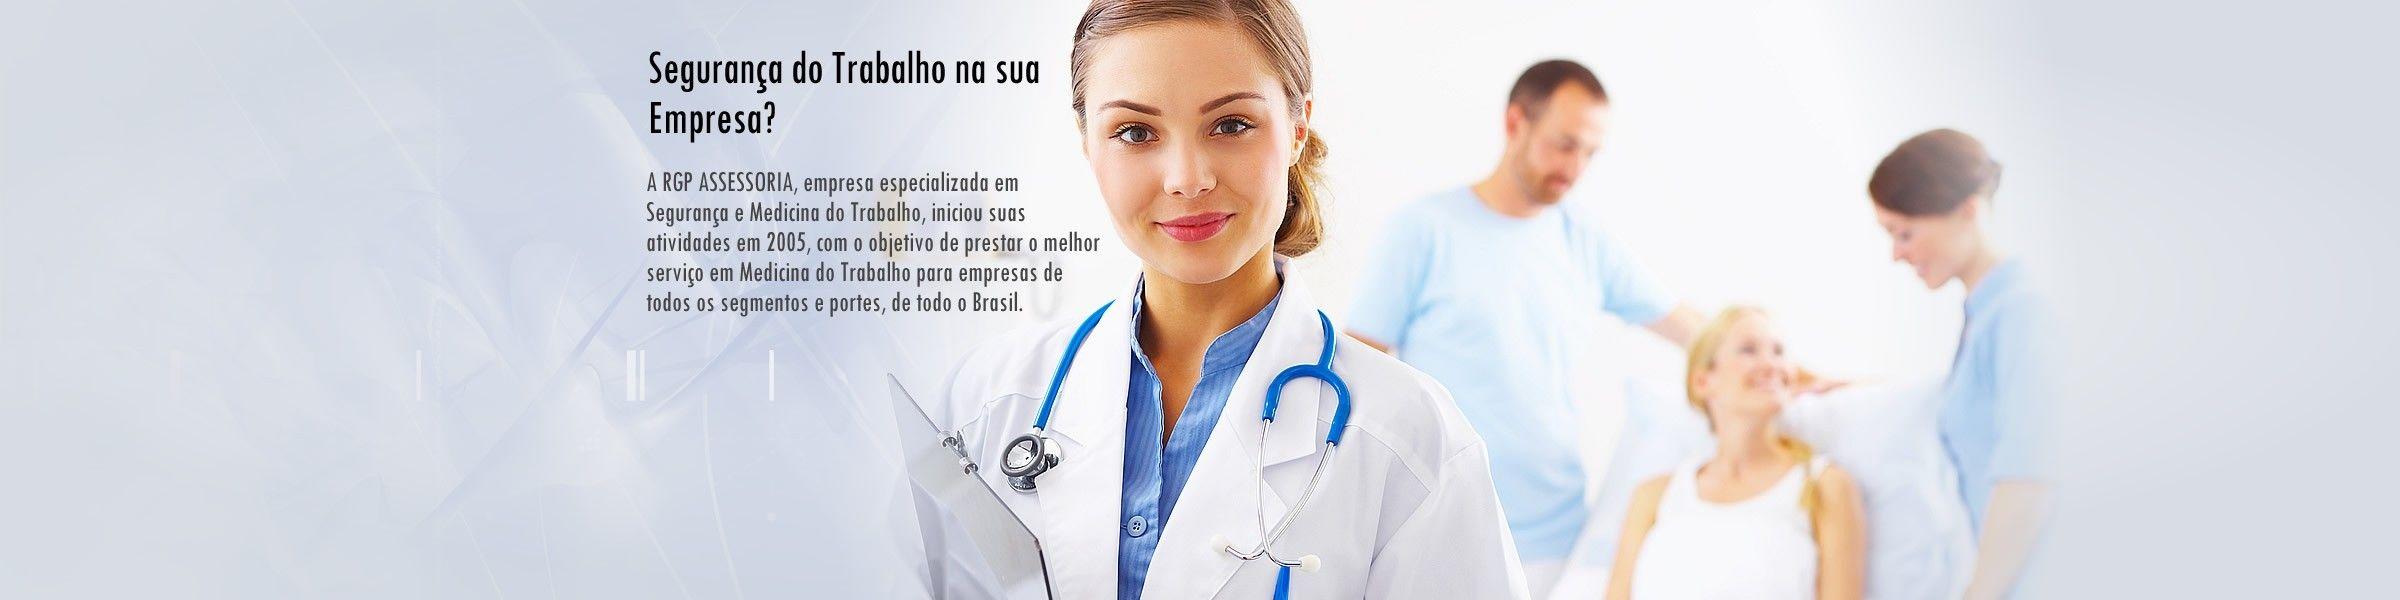 Atestados Ocupacionais de Saúde Onde Conseguir em Barueri - Atestado de Saúde Ocupacional em Campinas